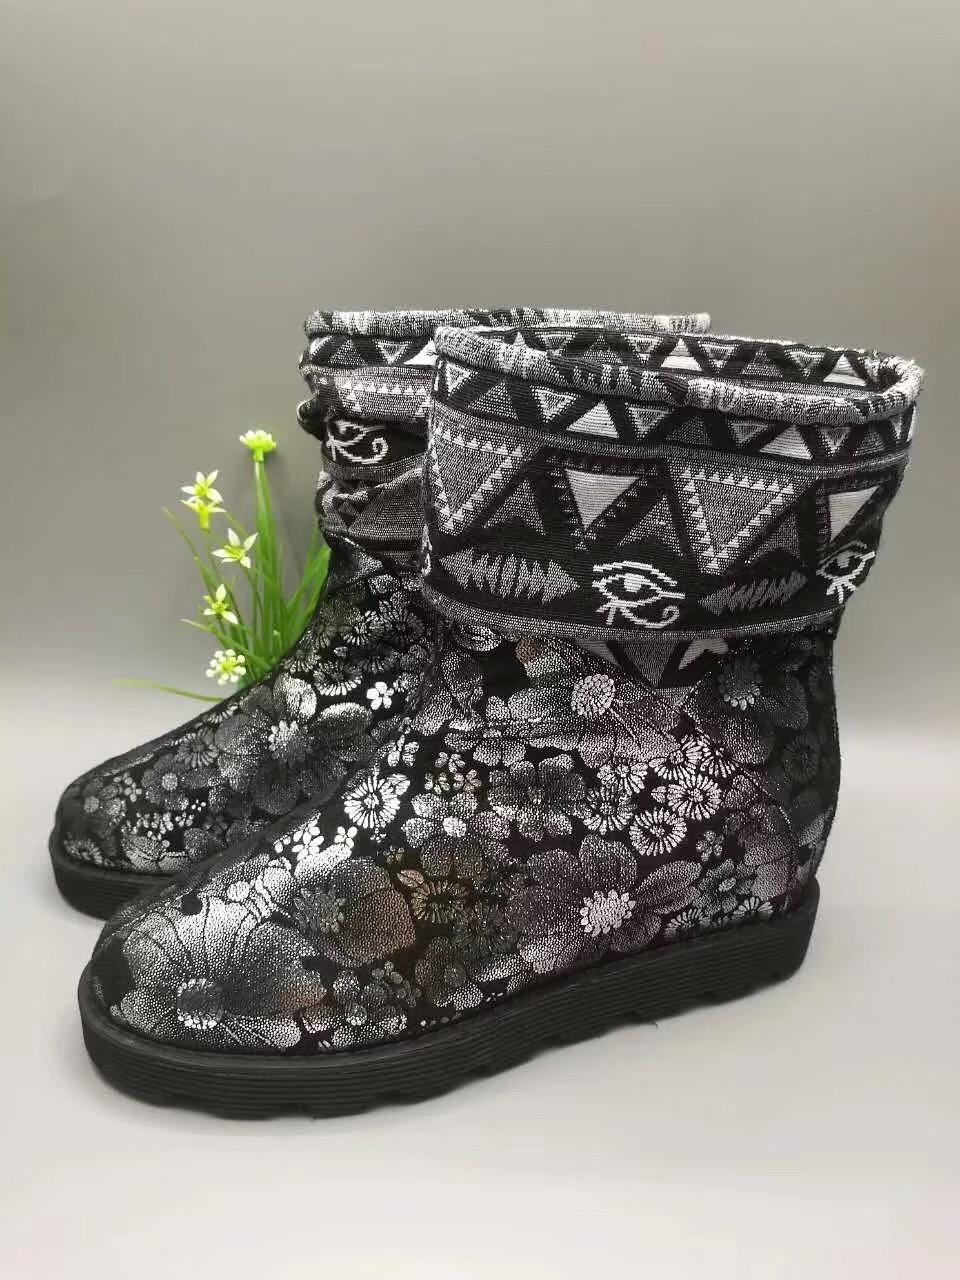 ローブ笑吉祥手編みの布靴『きらびやか』(カスタム商品の返品と交換は20%の費用がかかります)布靴